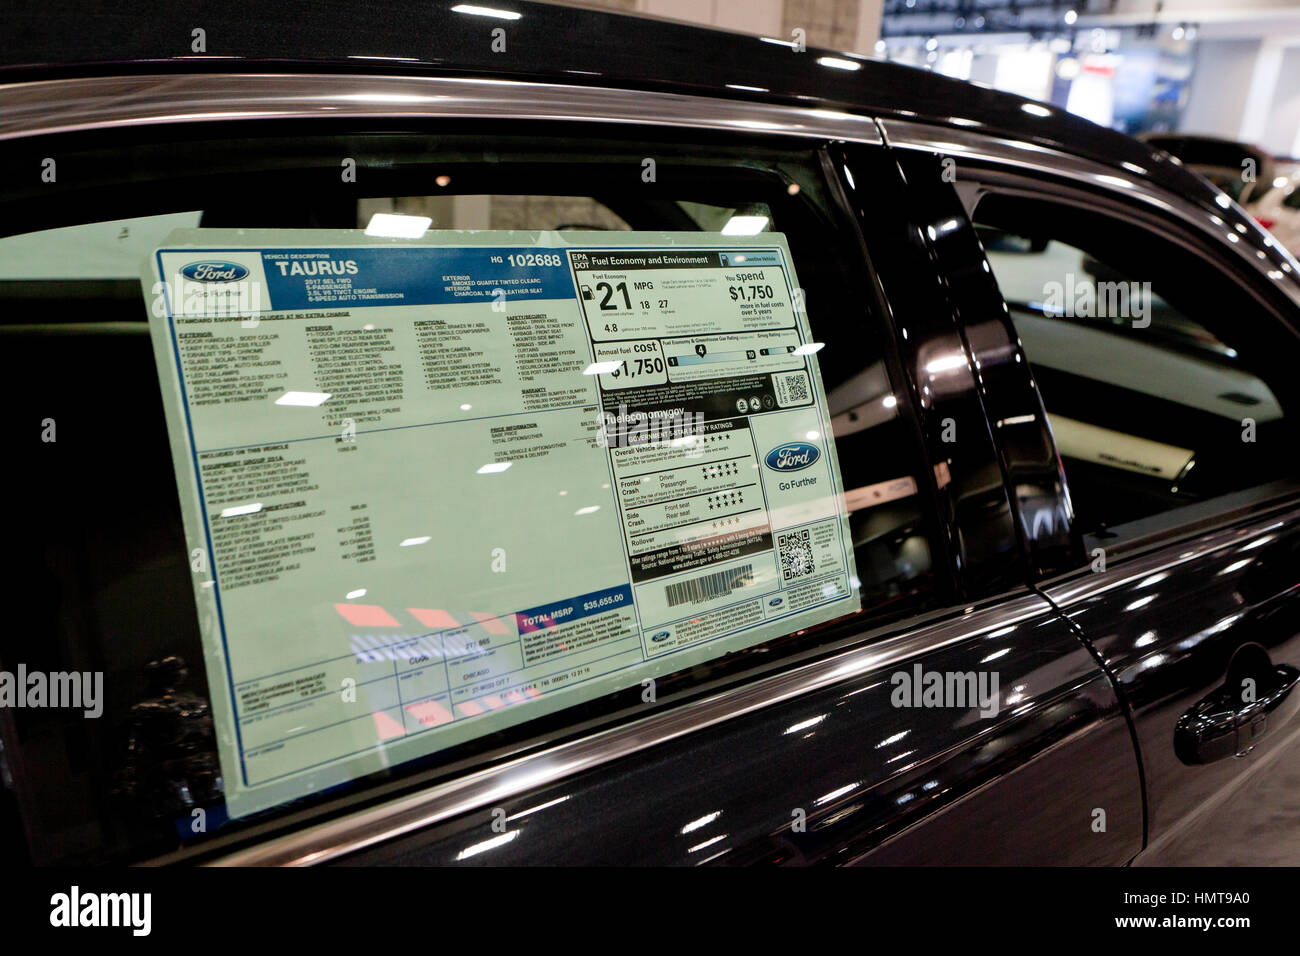 Ford Window Sticker >> Monroney Sticker Window Sticker On 2017 Ford Taurus Sedan